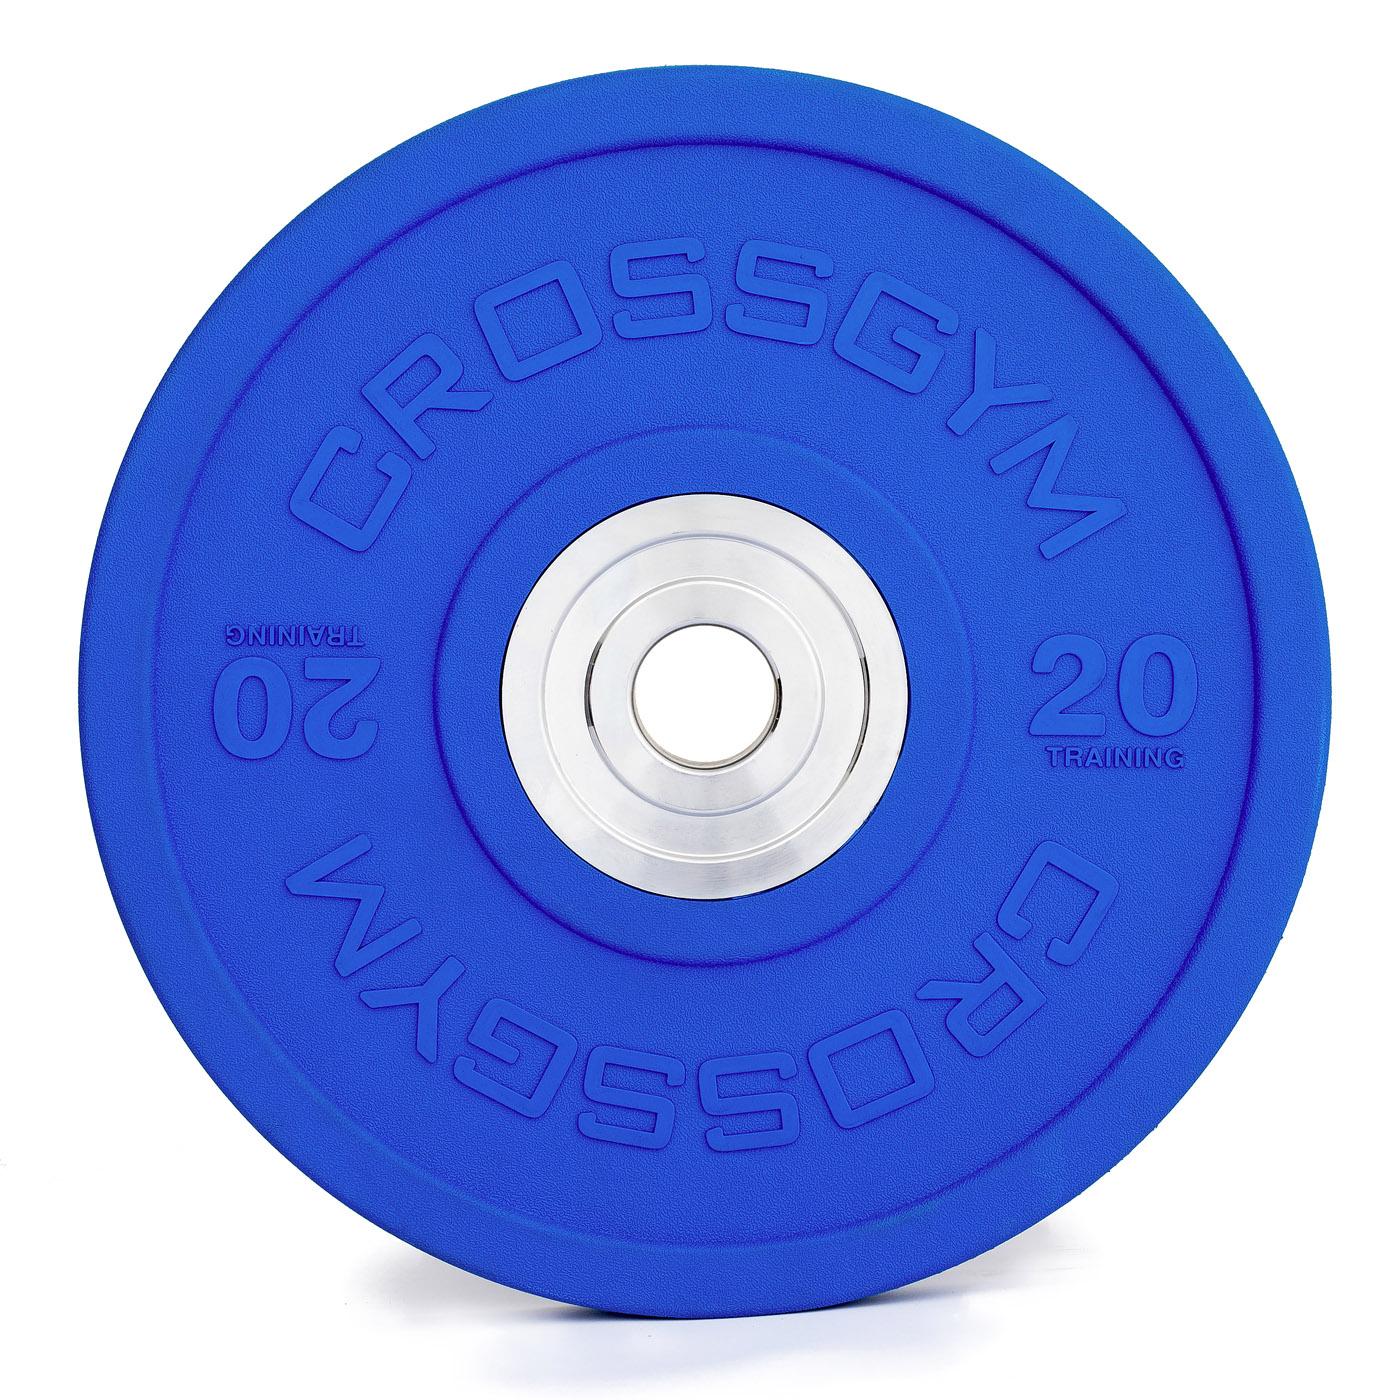 Kotouč Bumper Plate 20 kg CrossGym